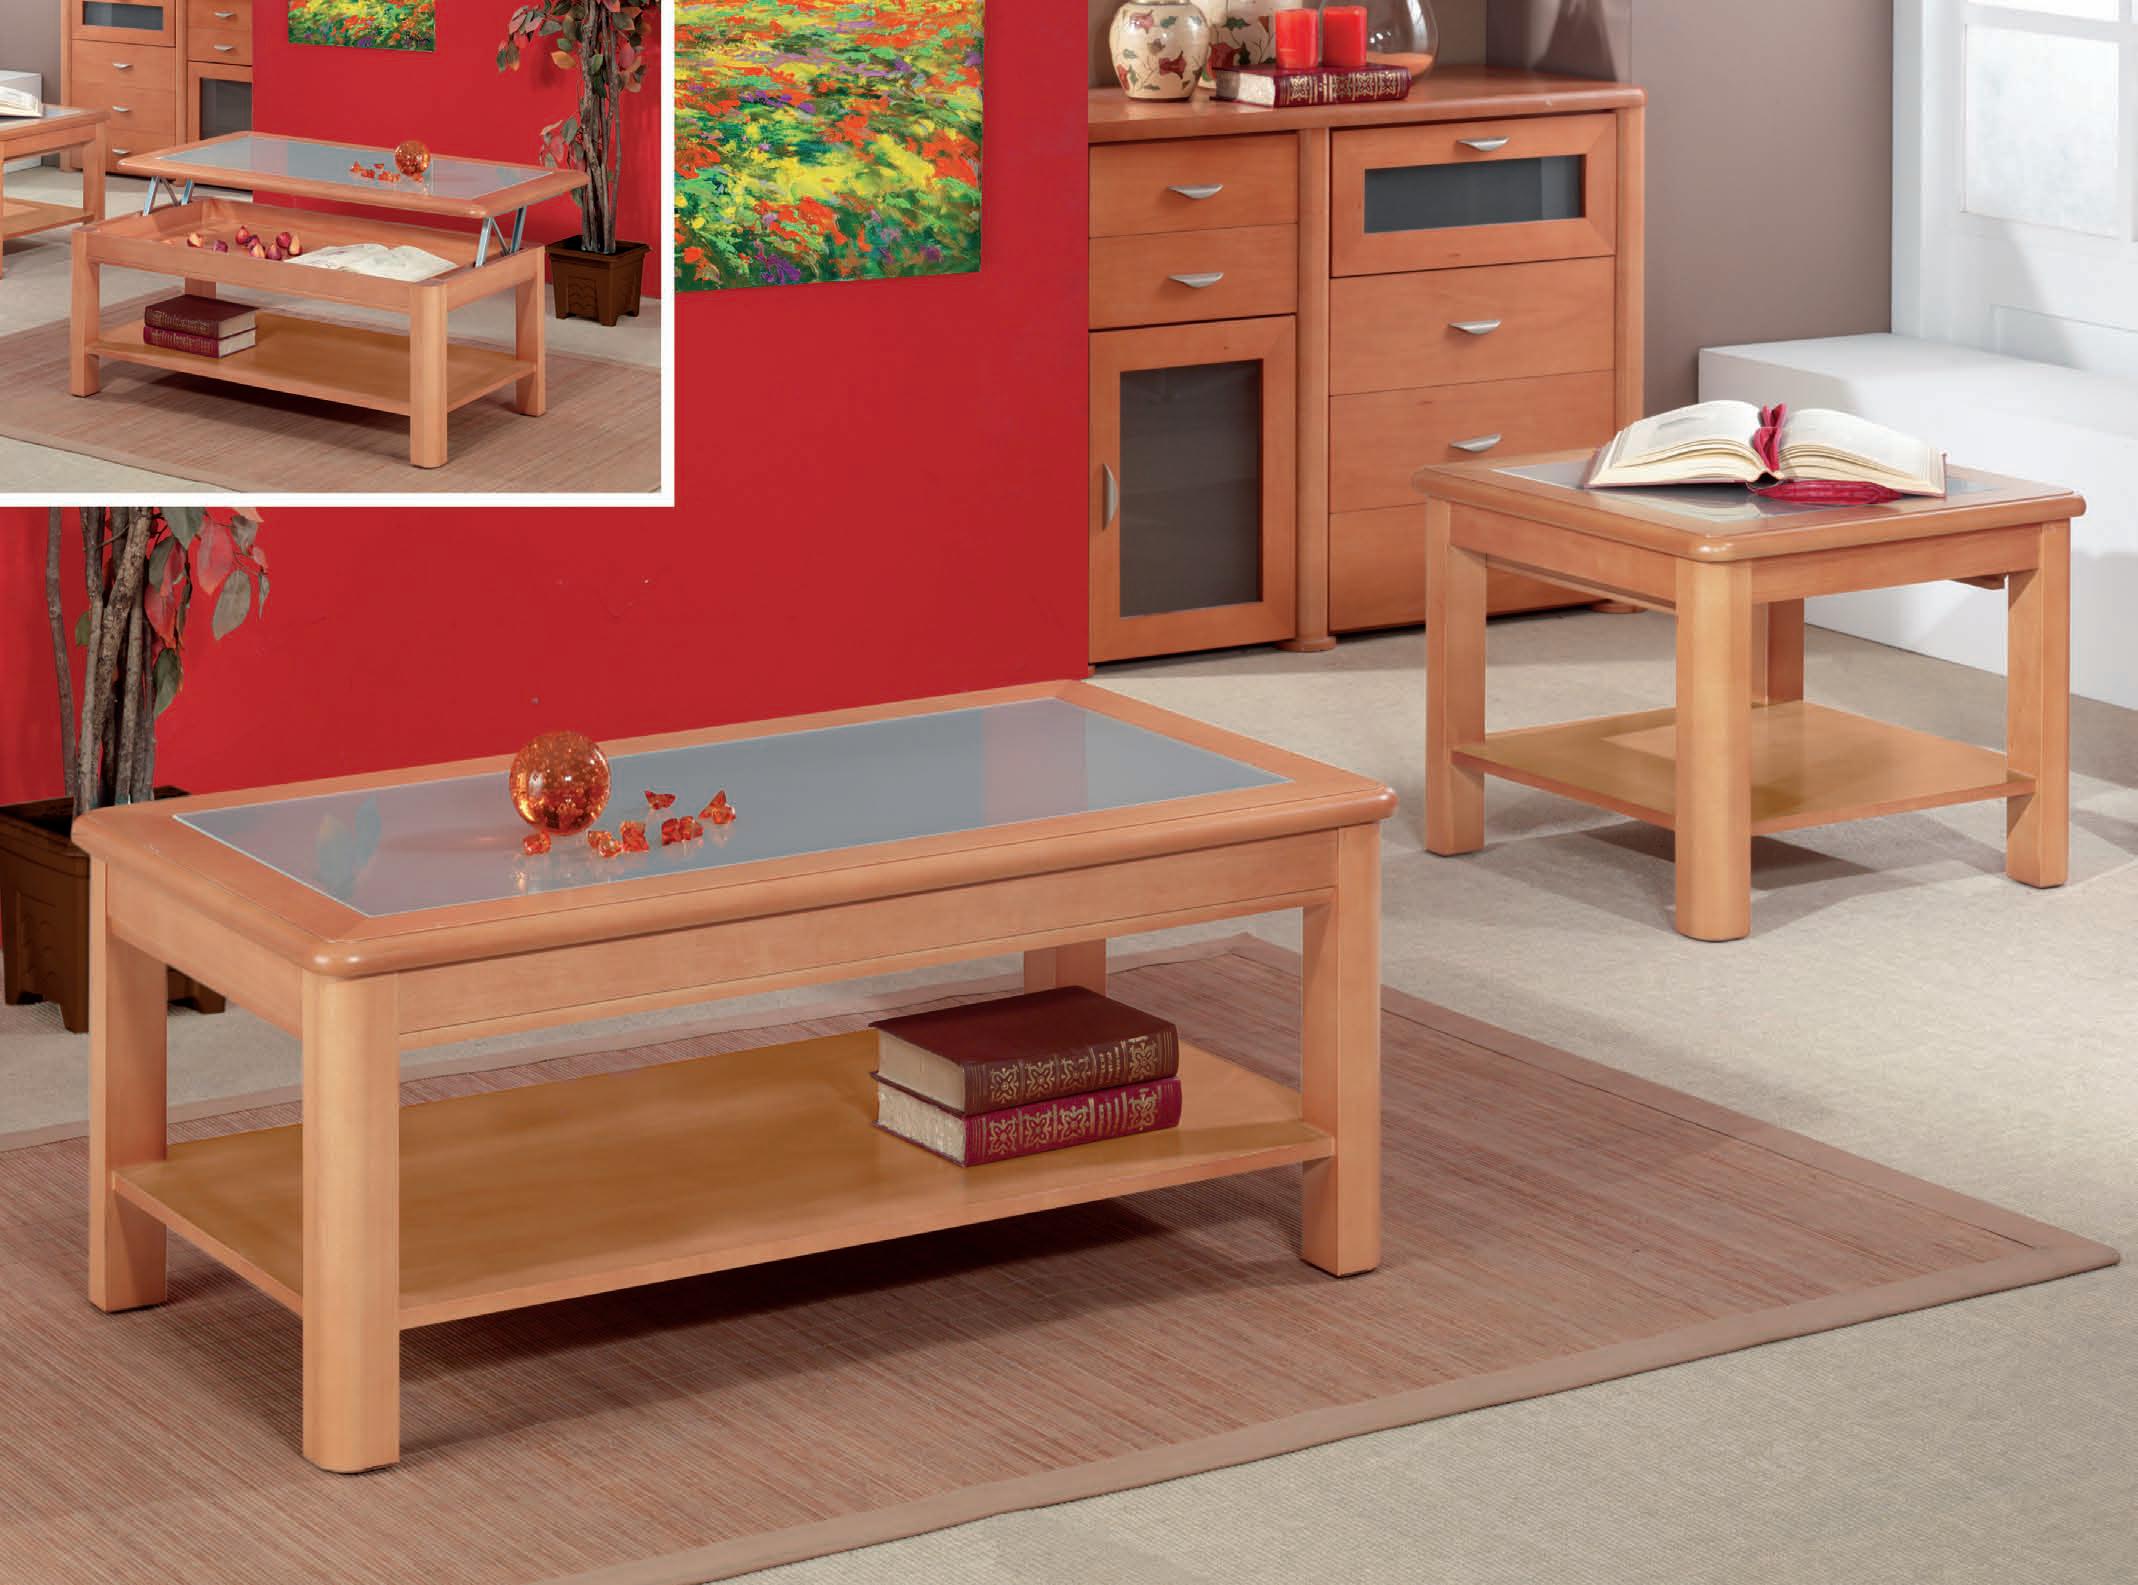 Mesa de rinc n y cristal mate muebles adama tienda de - Mesas de rincon ...